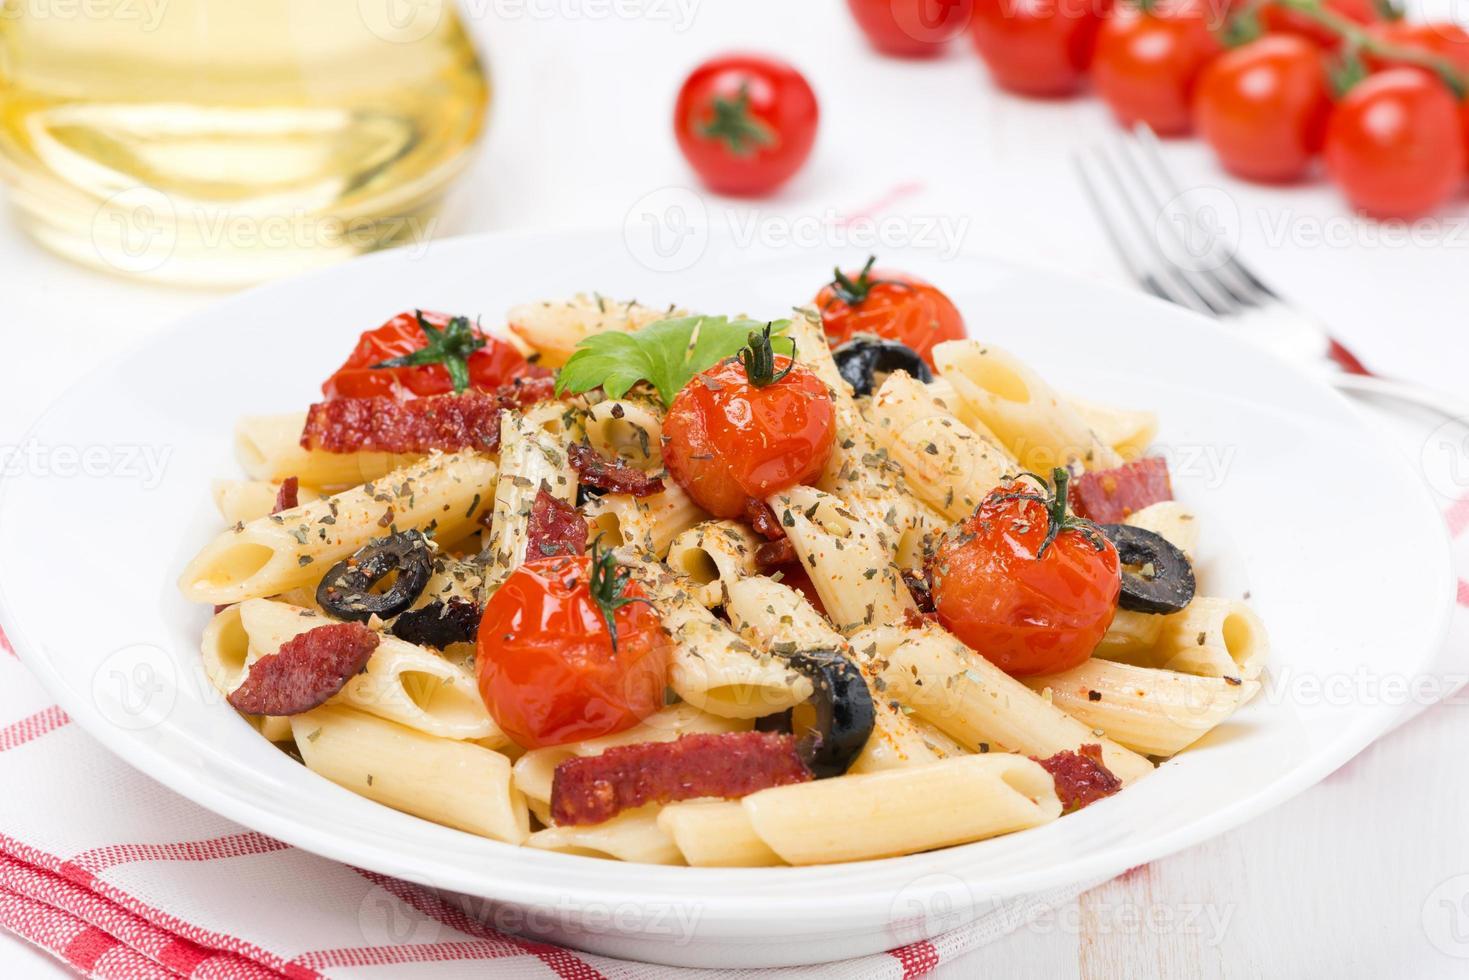 pasta con salsiccia, pomodorini e olive sul piatto foto